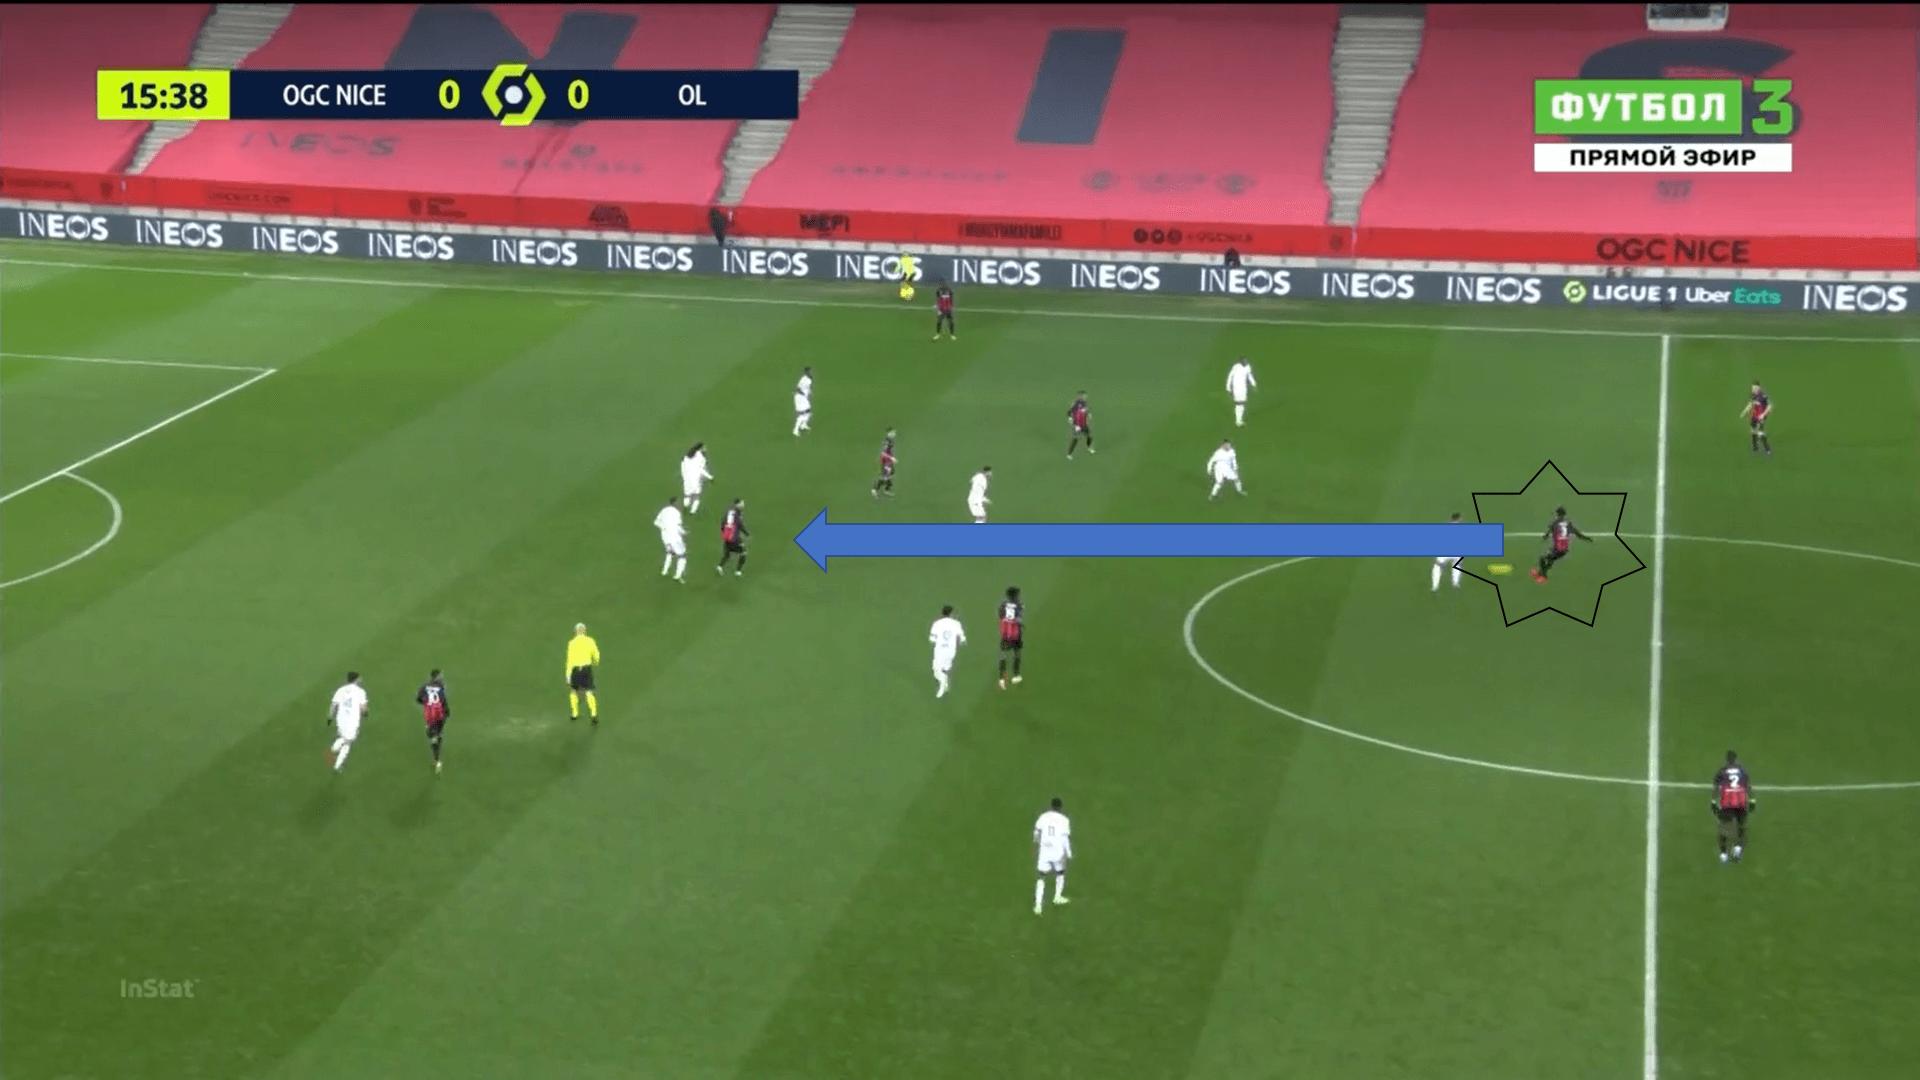 Ligue 1 2020/21: Nice vs Lyon - tactical analysis tactics